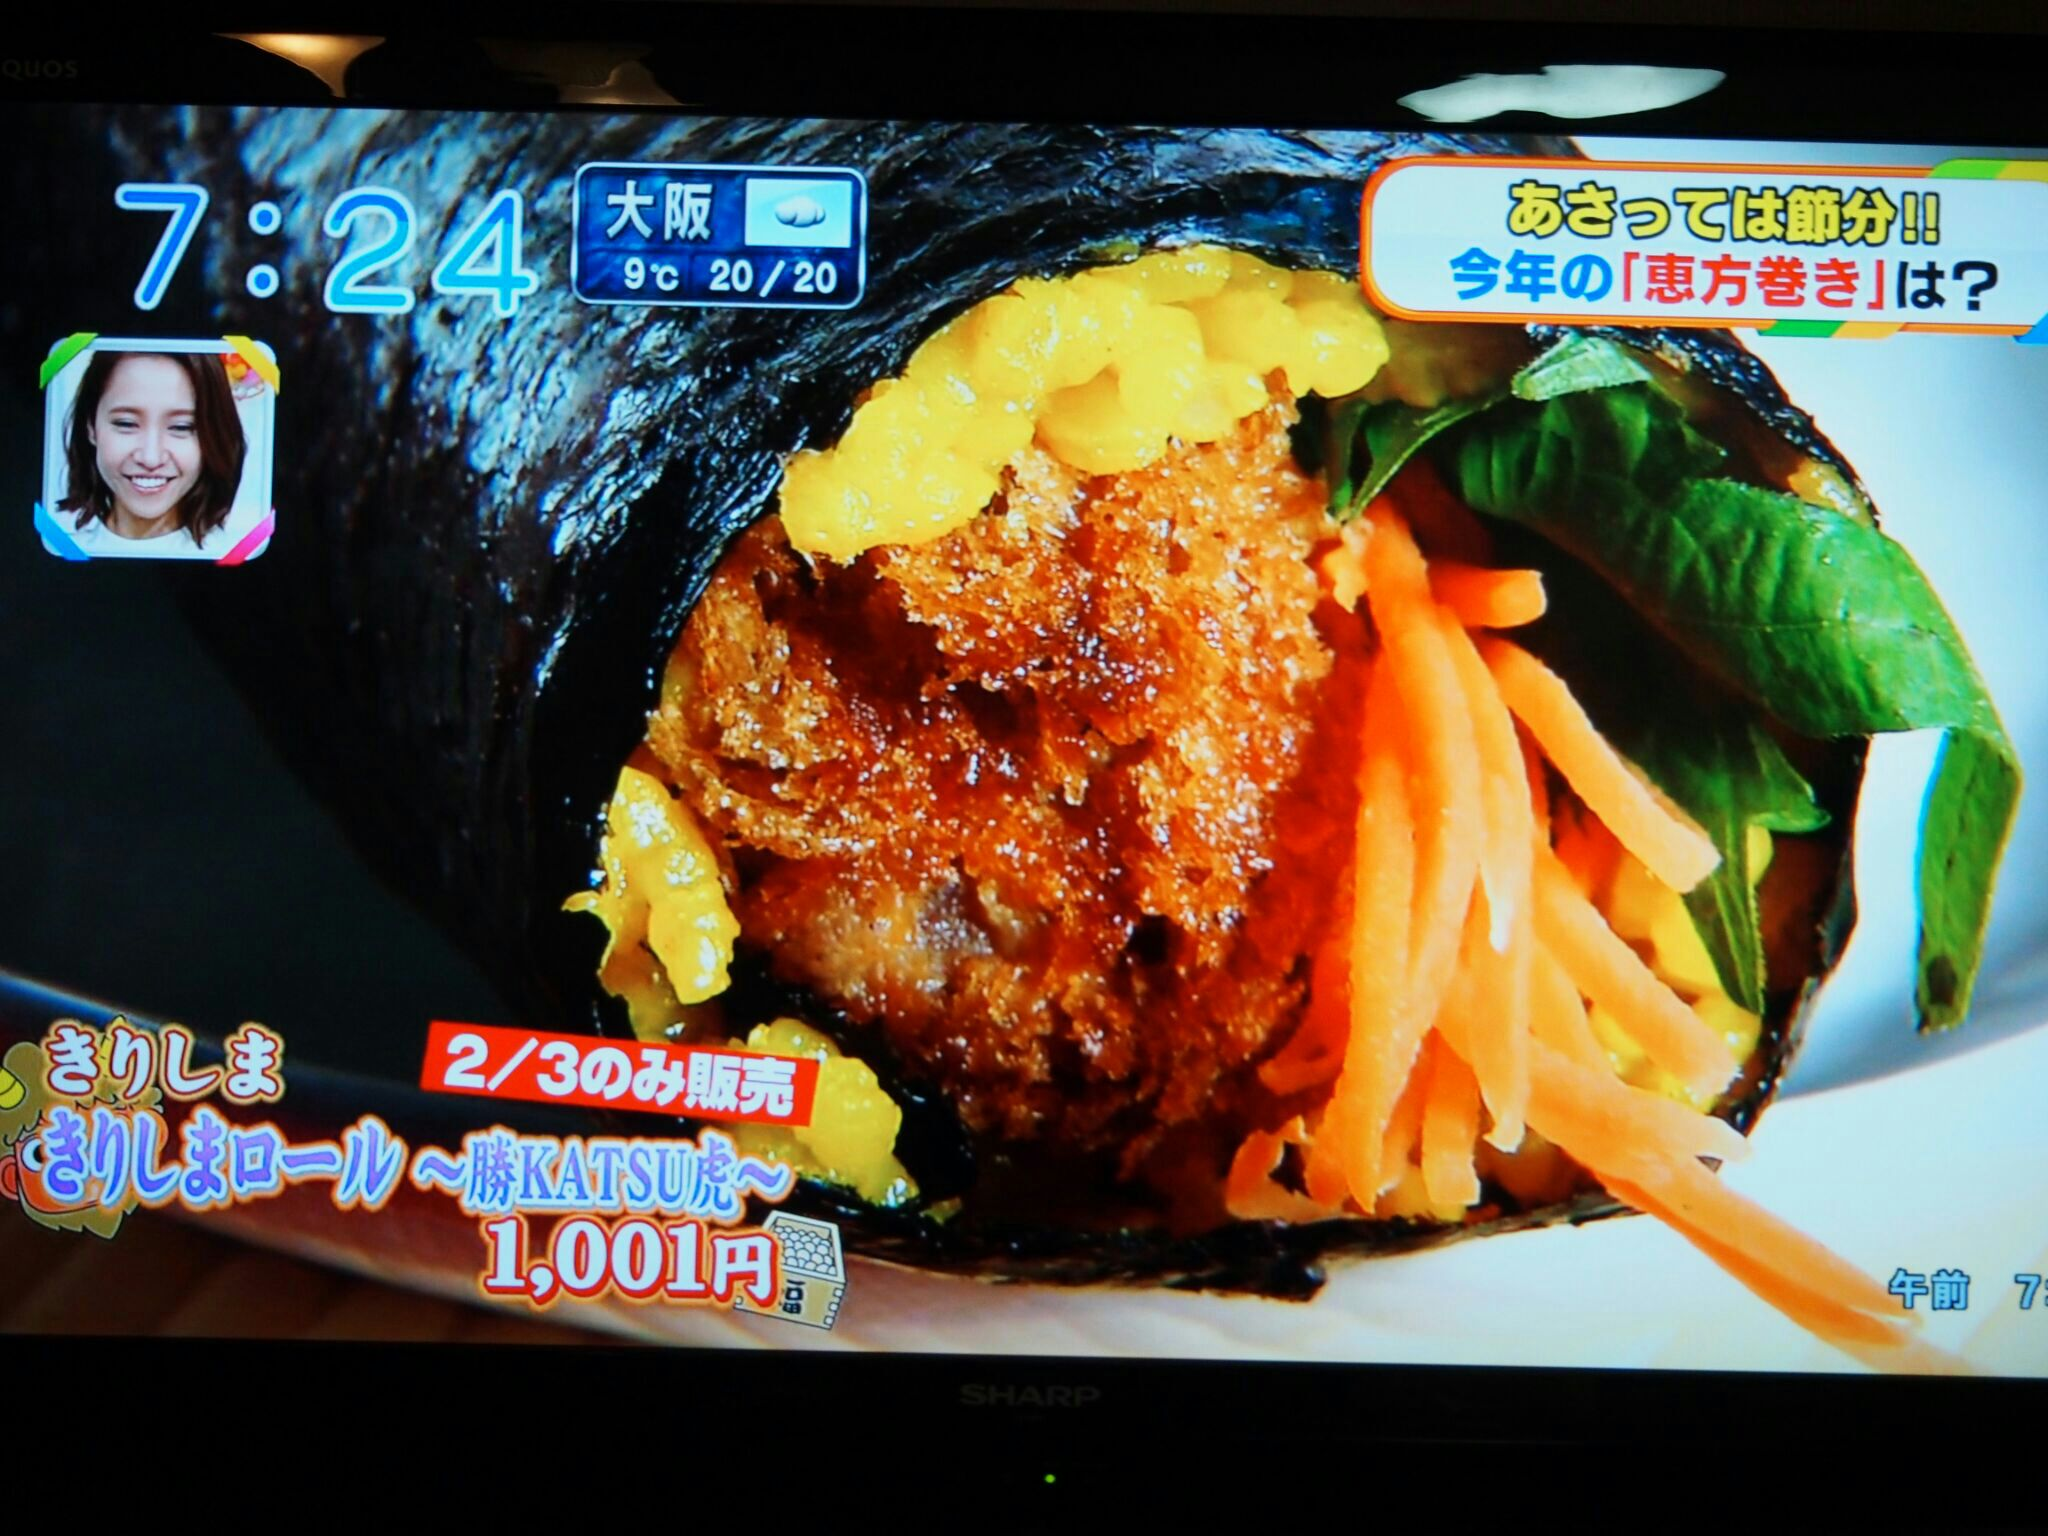 朝日放送 「おはよう朝日です」で、「きりしまロール~勝KASTU 虎」をご紹介していただきました   2016/2/1